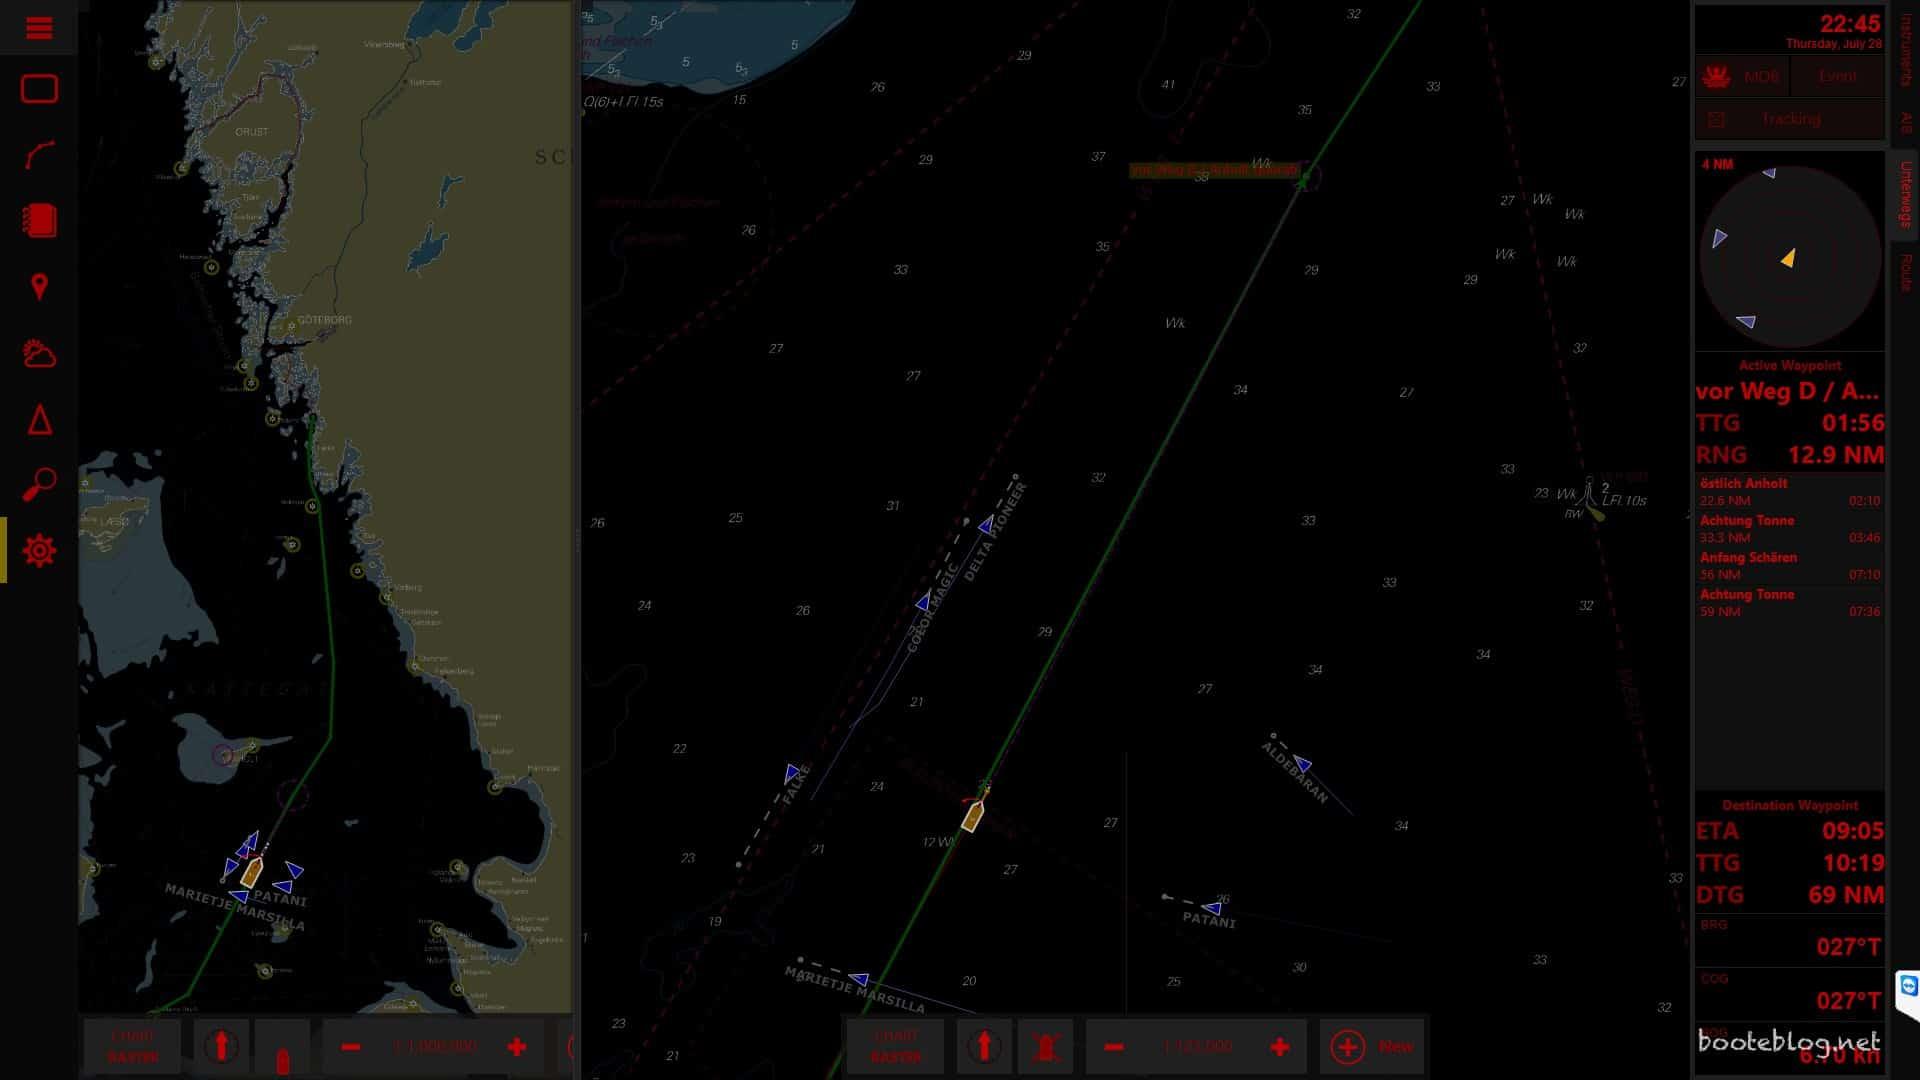 Auf dem Kattegat Nachts gegen zwei Uhr mit gedimmtem Navigationsdisplay.